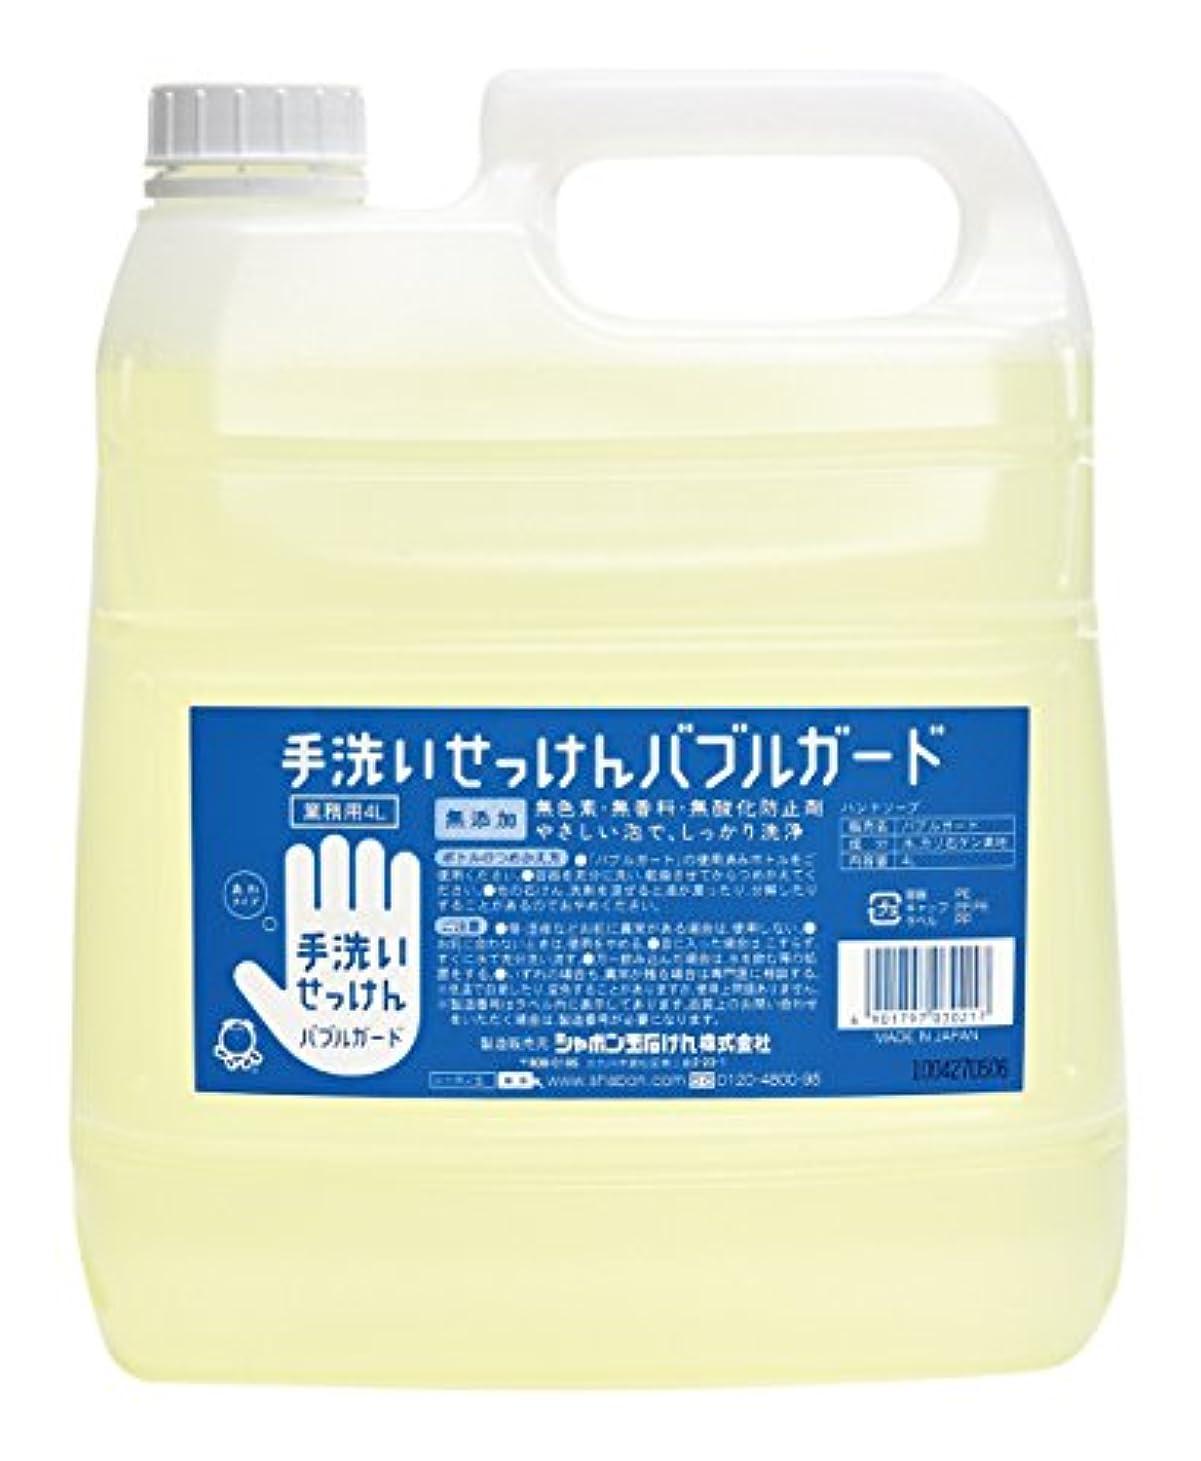 トピック小さいジェームズダイソン【大容量】 シャボン玉 バブルガード 業務用 4L